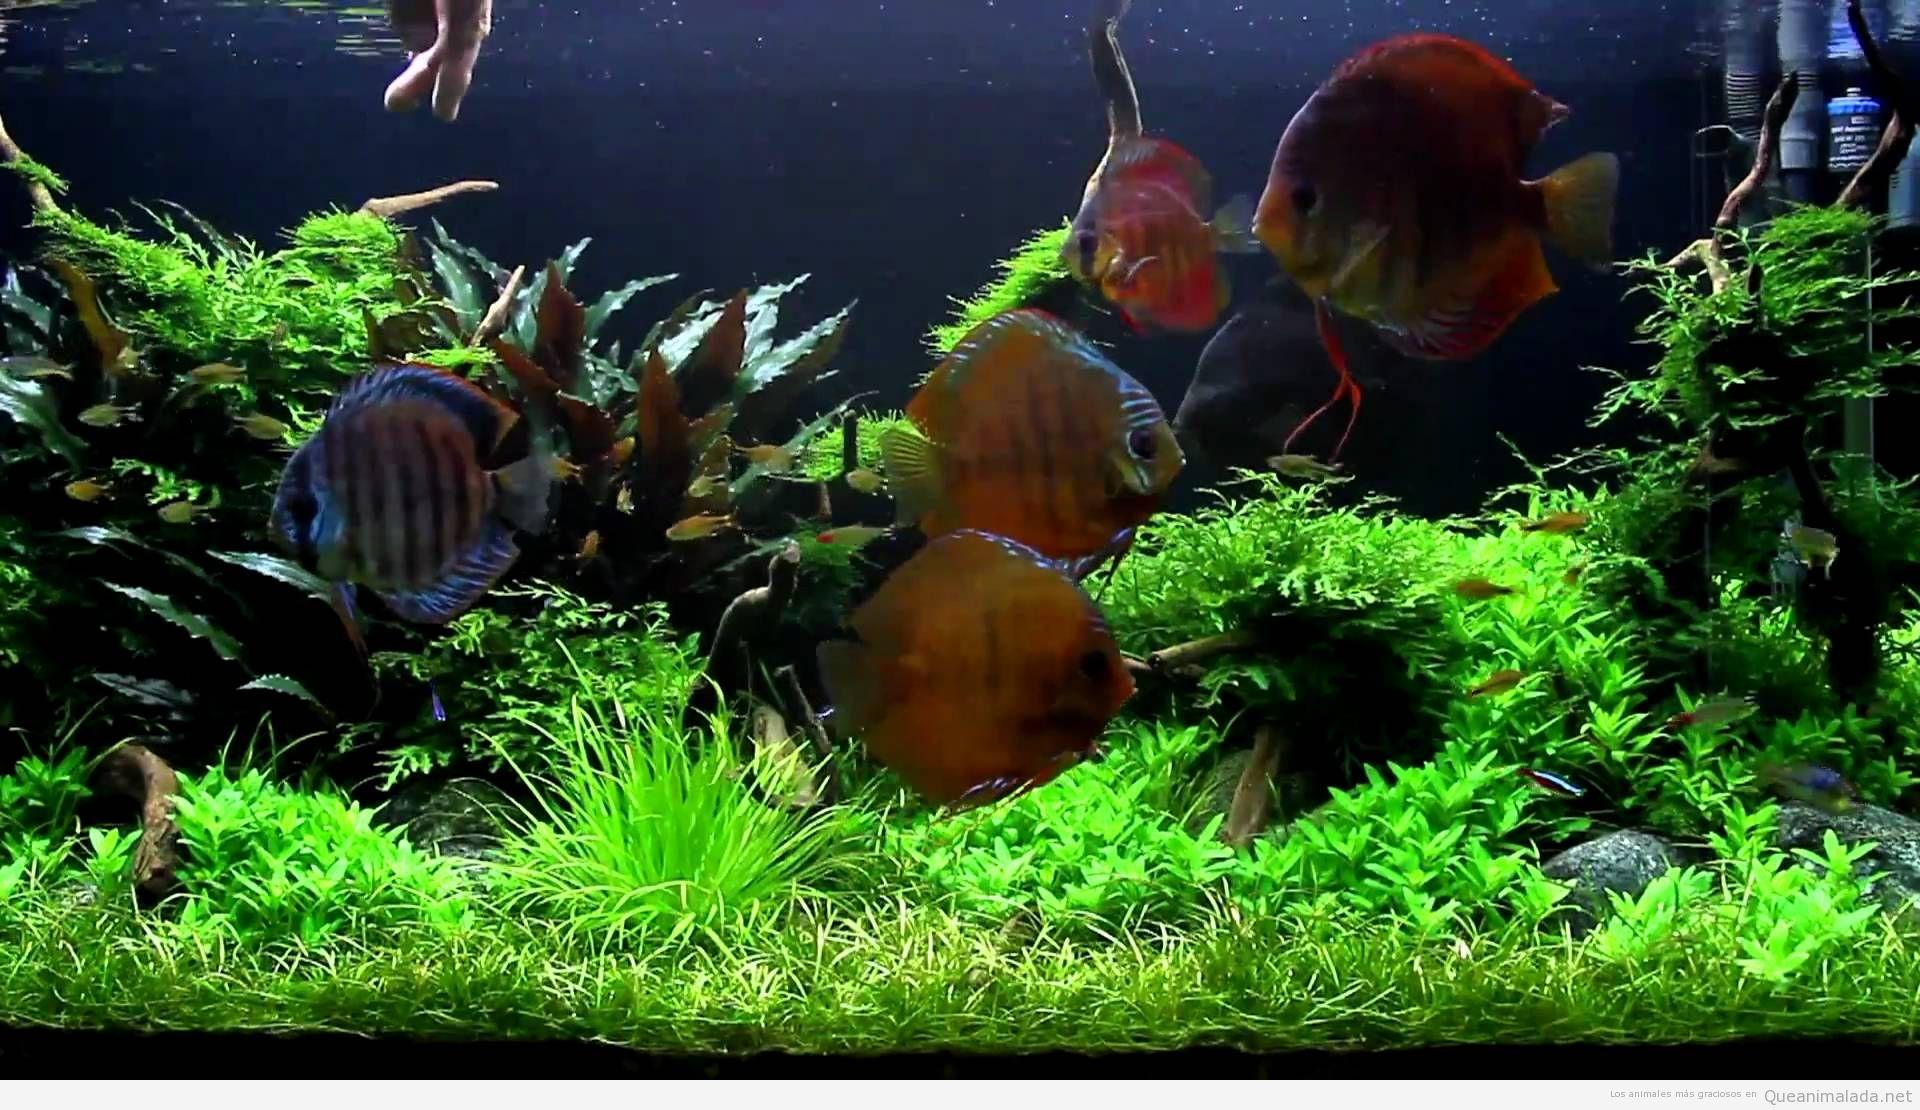 El terminalia catappa y sus propiedades for Criadero de peces de colores